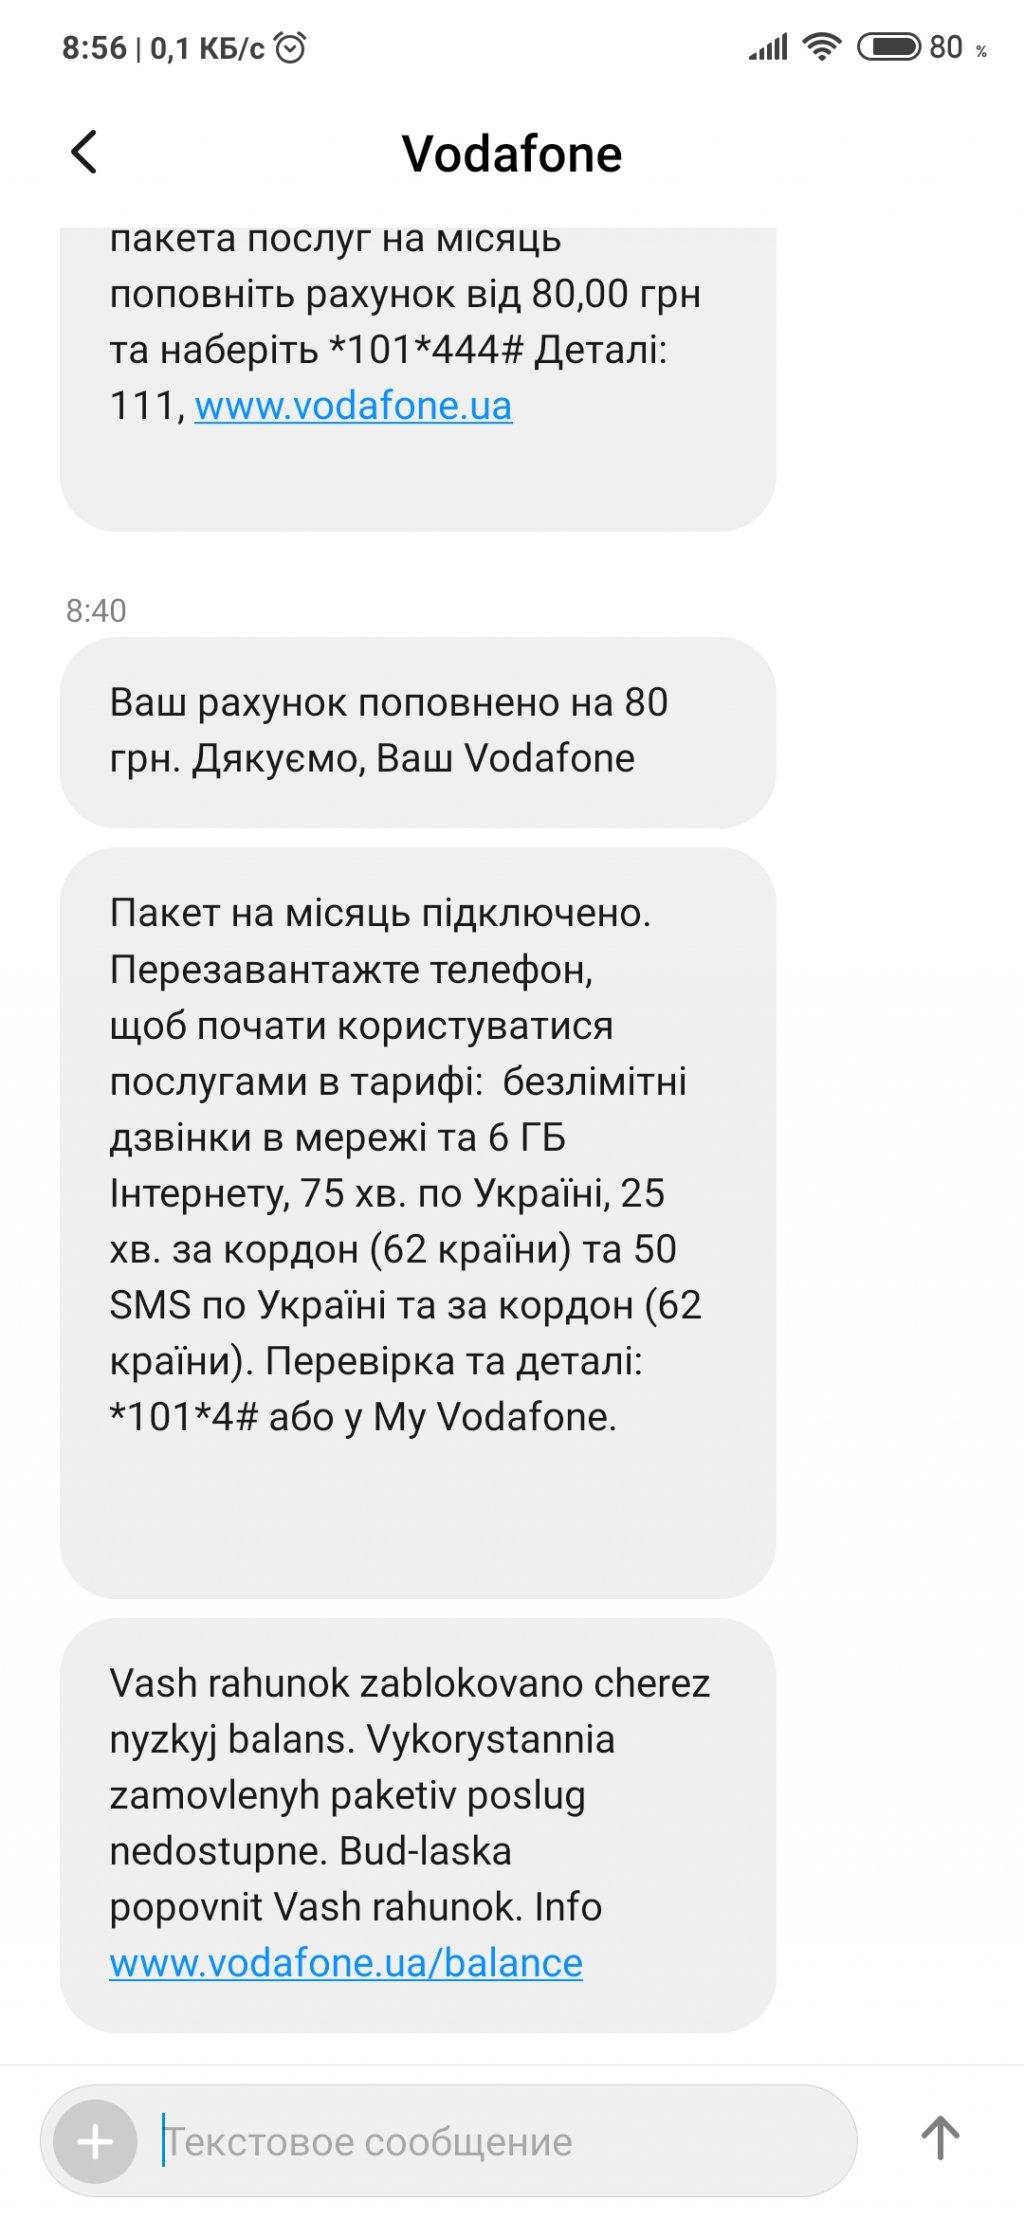 Vodafone Украина - Галимые воры, воруют деньги.